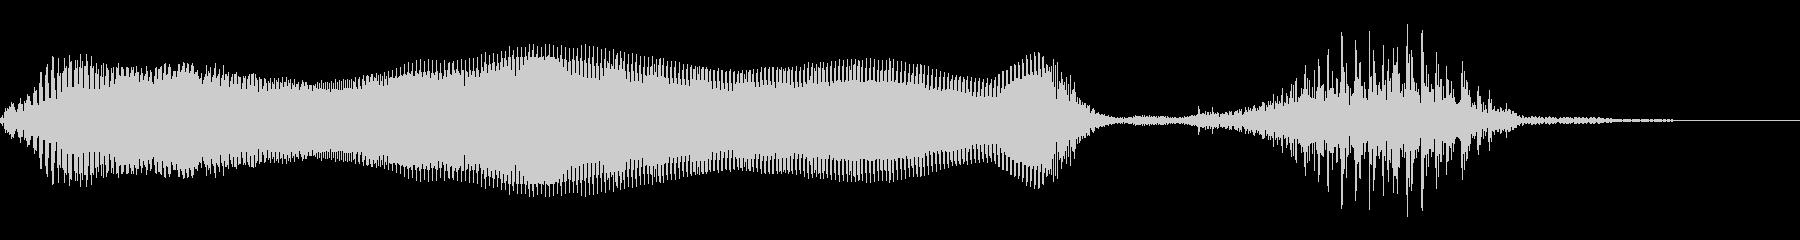 奥義!の未再生の波形